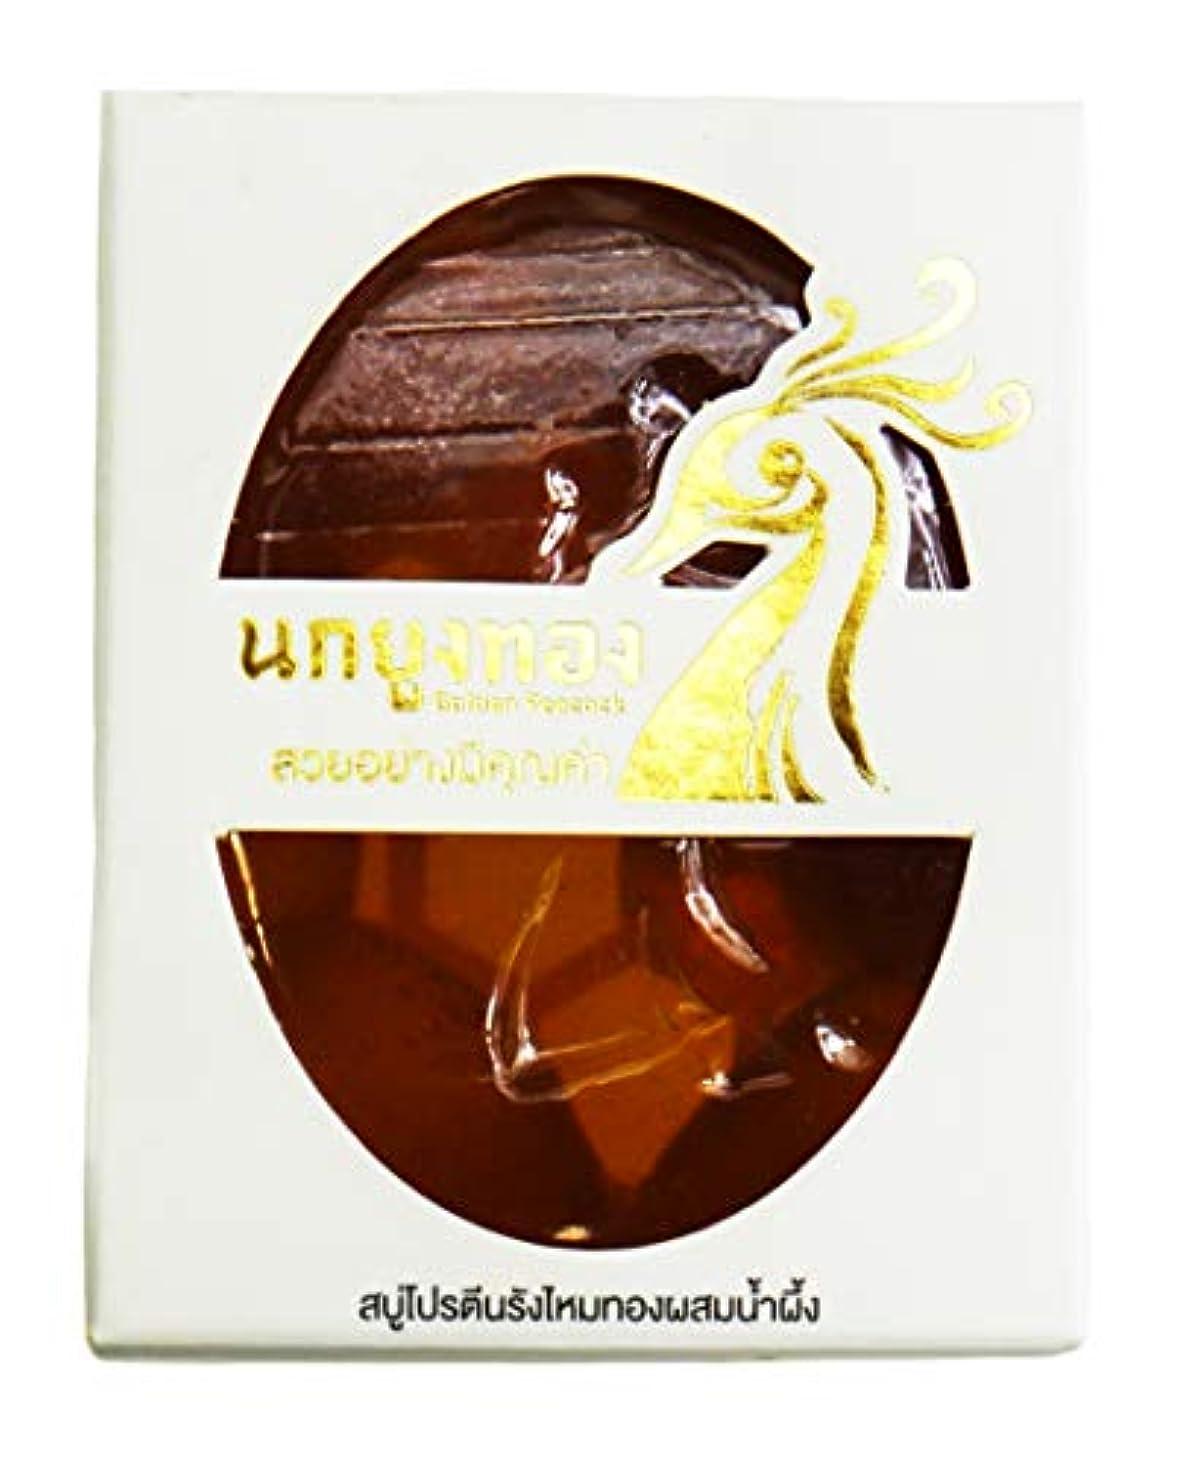 反逆者憧れ特異なまゆ玉蜂蜜石鹸 Thai Golden Cocoon Honey Soap 黄金繭玉入蜂蜜石鹸